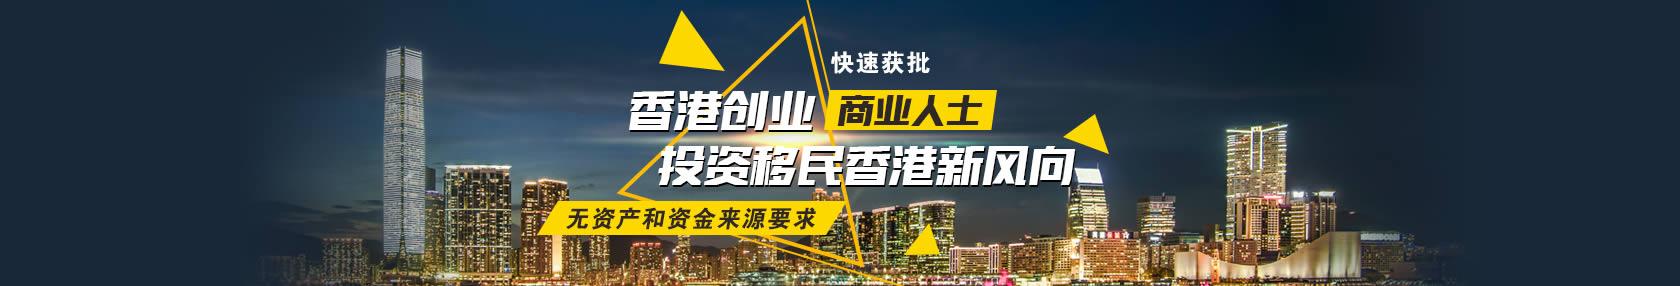 香港创业移民:无资产和资金来源要求获批快,商业人士香港投资创业首选